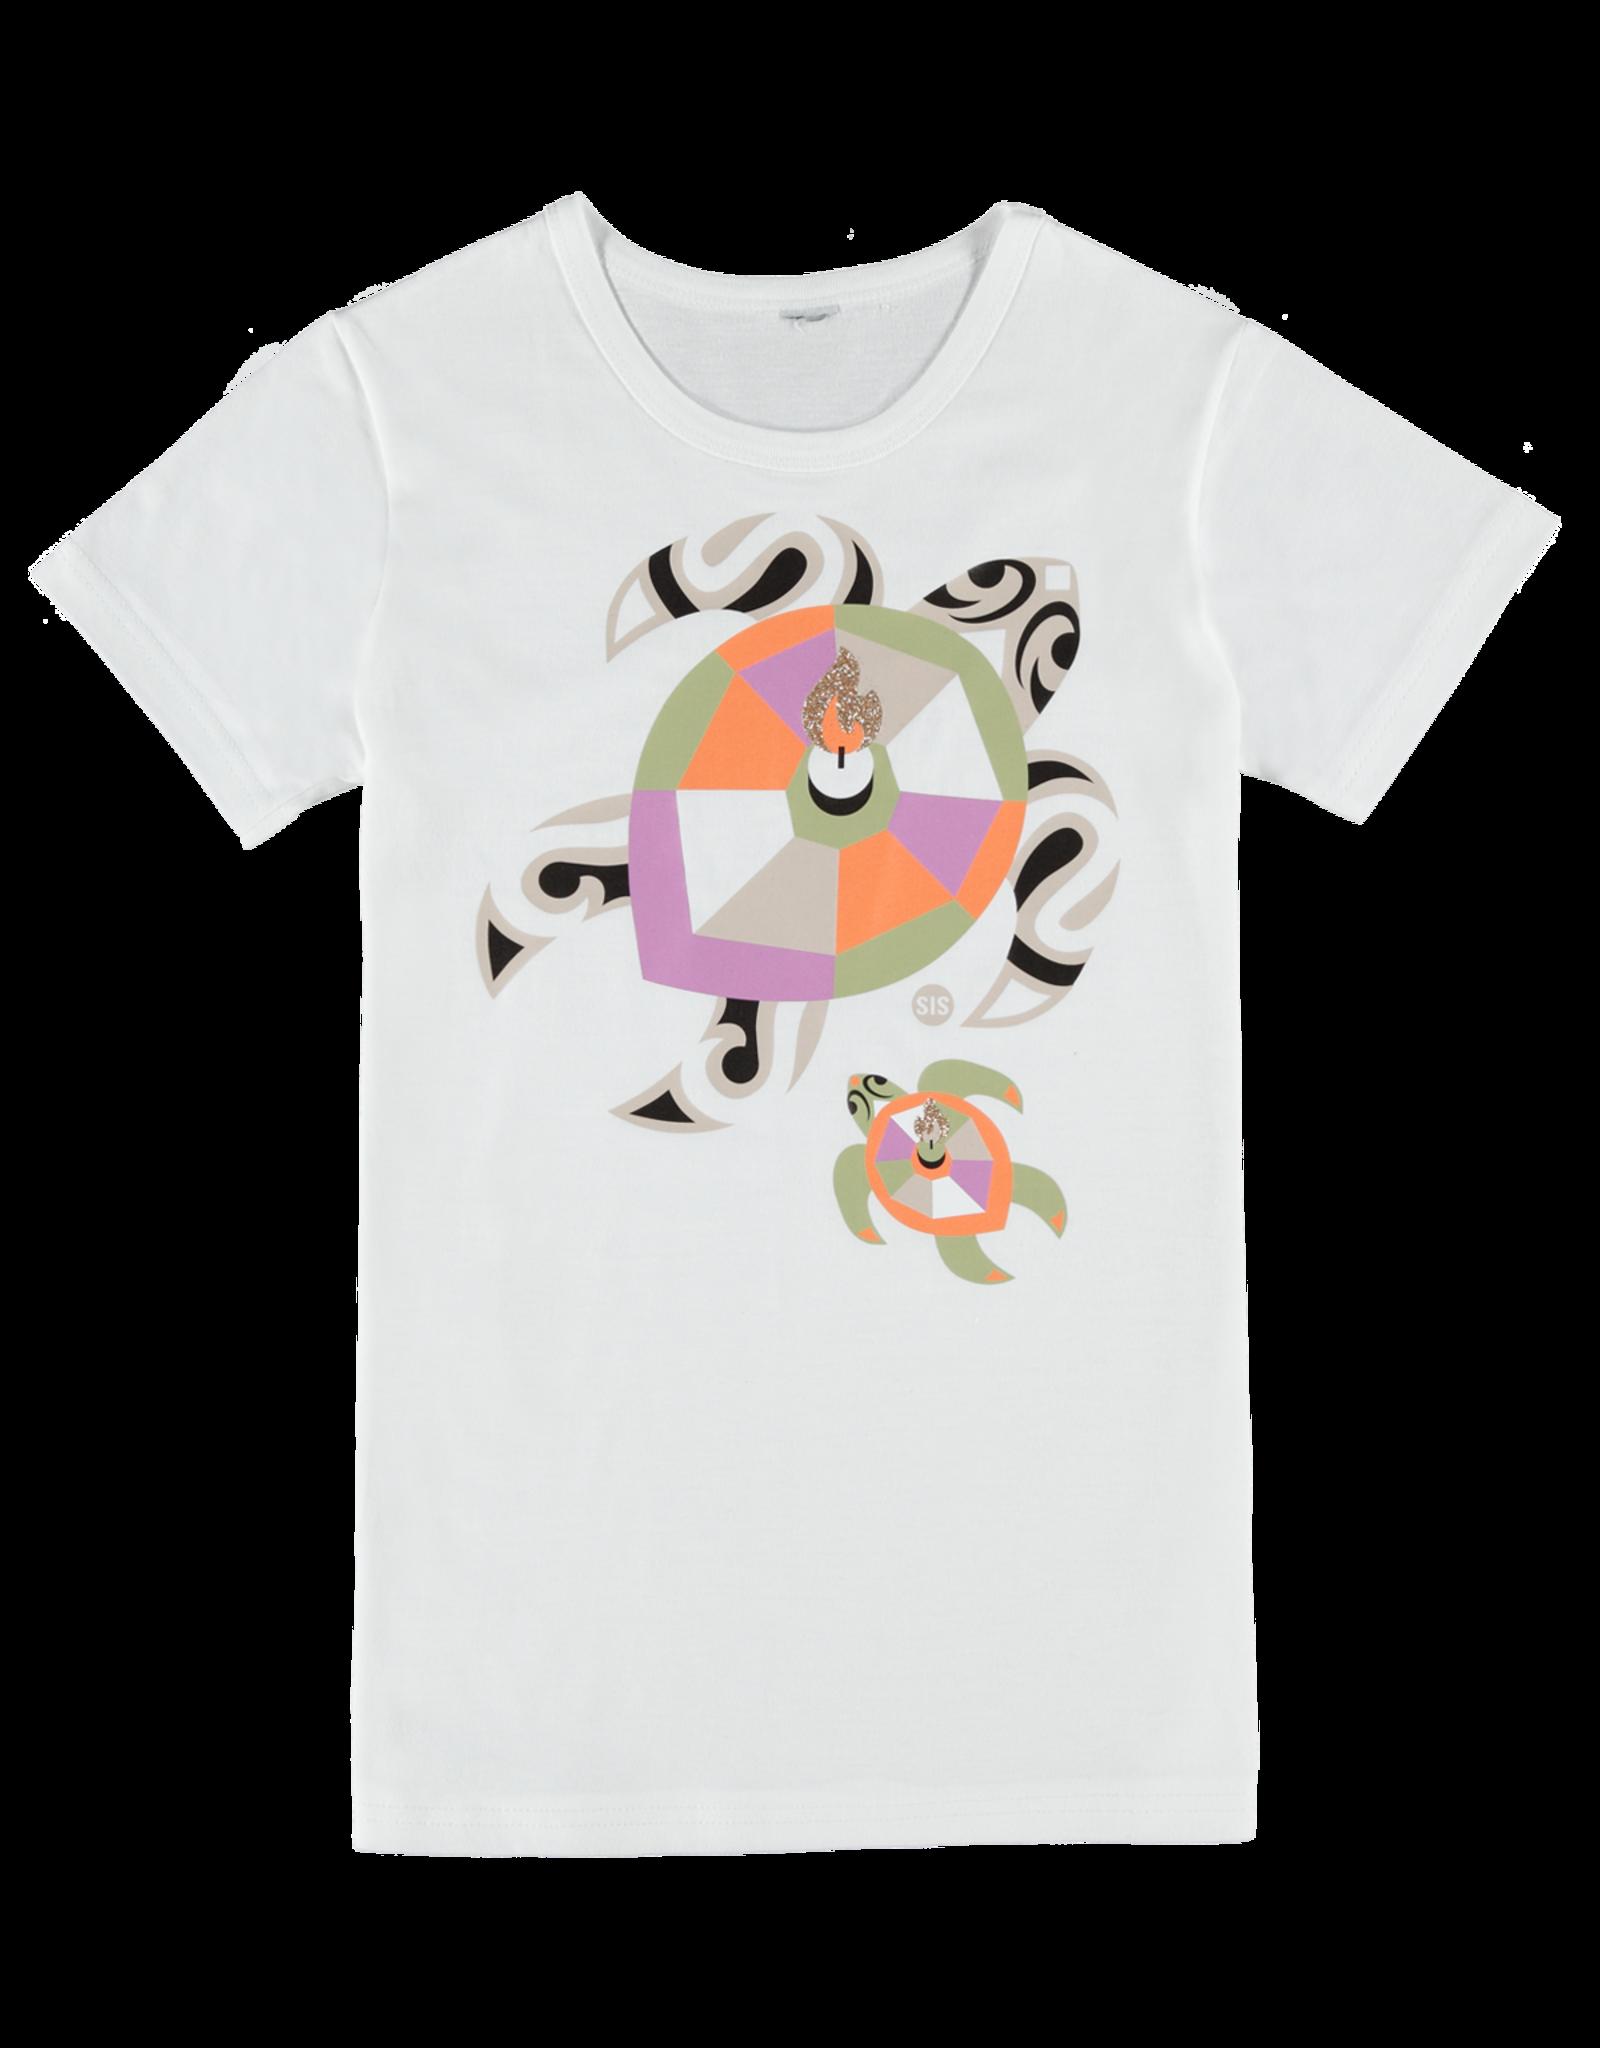 SIS by Spijkers en Spijkers SS20 710-I Turtle T-Shirt